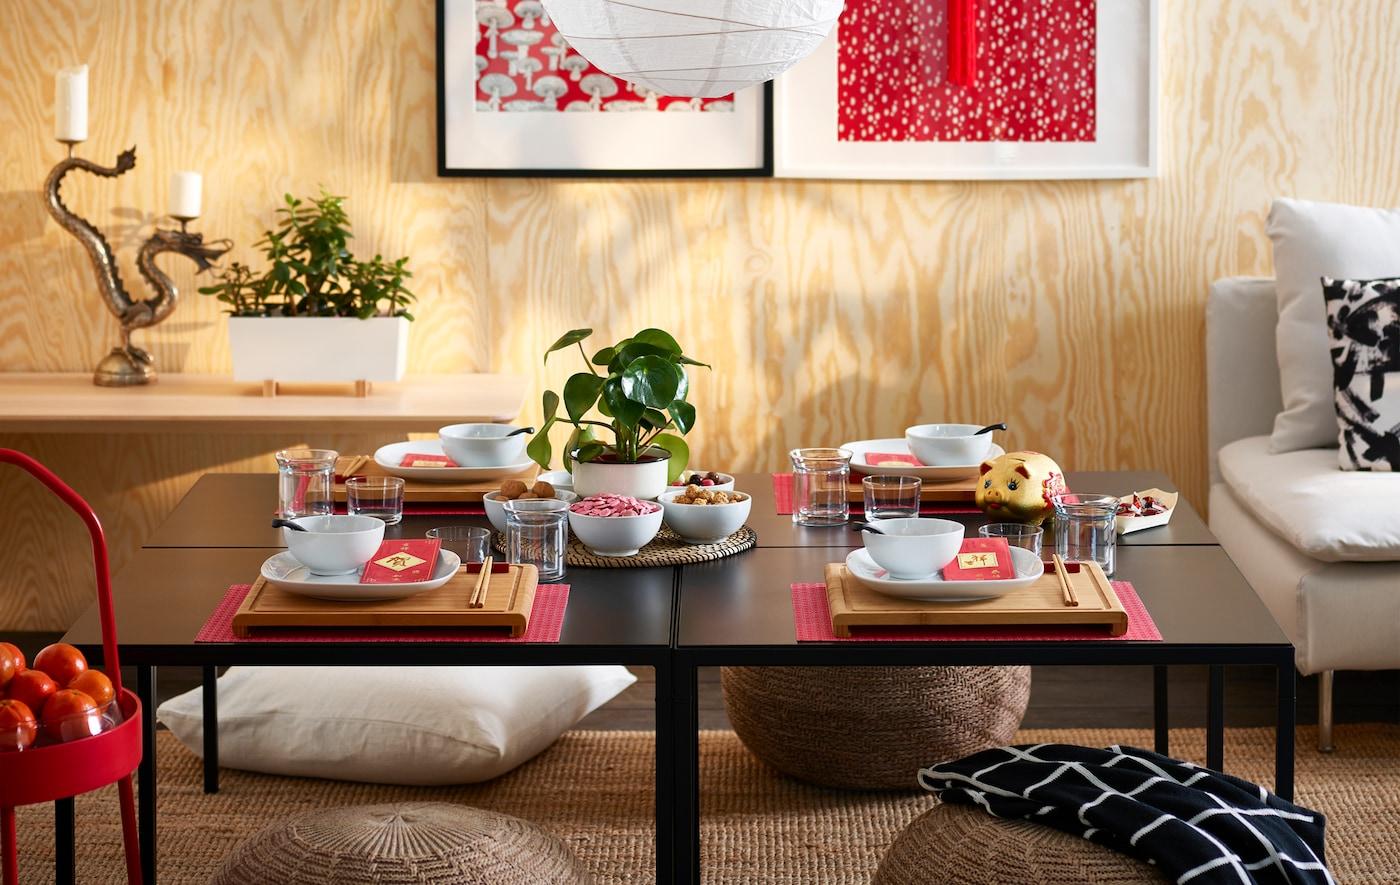 用一些 RIMFORSA 雷弗萨 竹制砧板布置桌子,营造氛围。